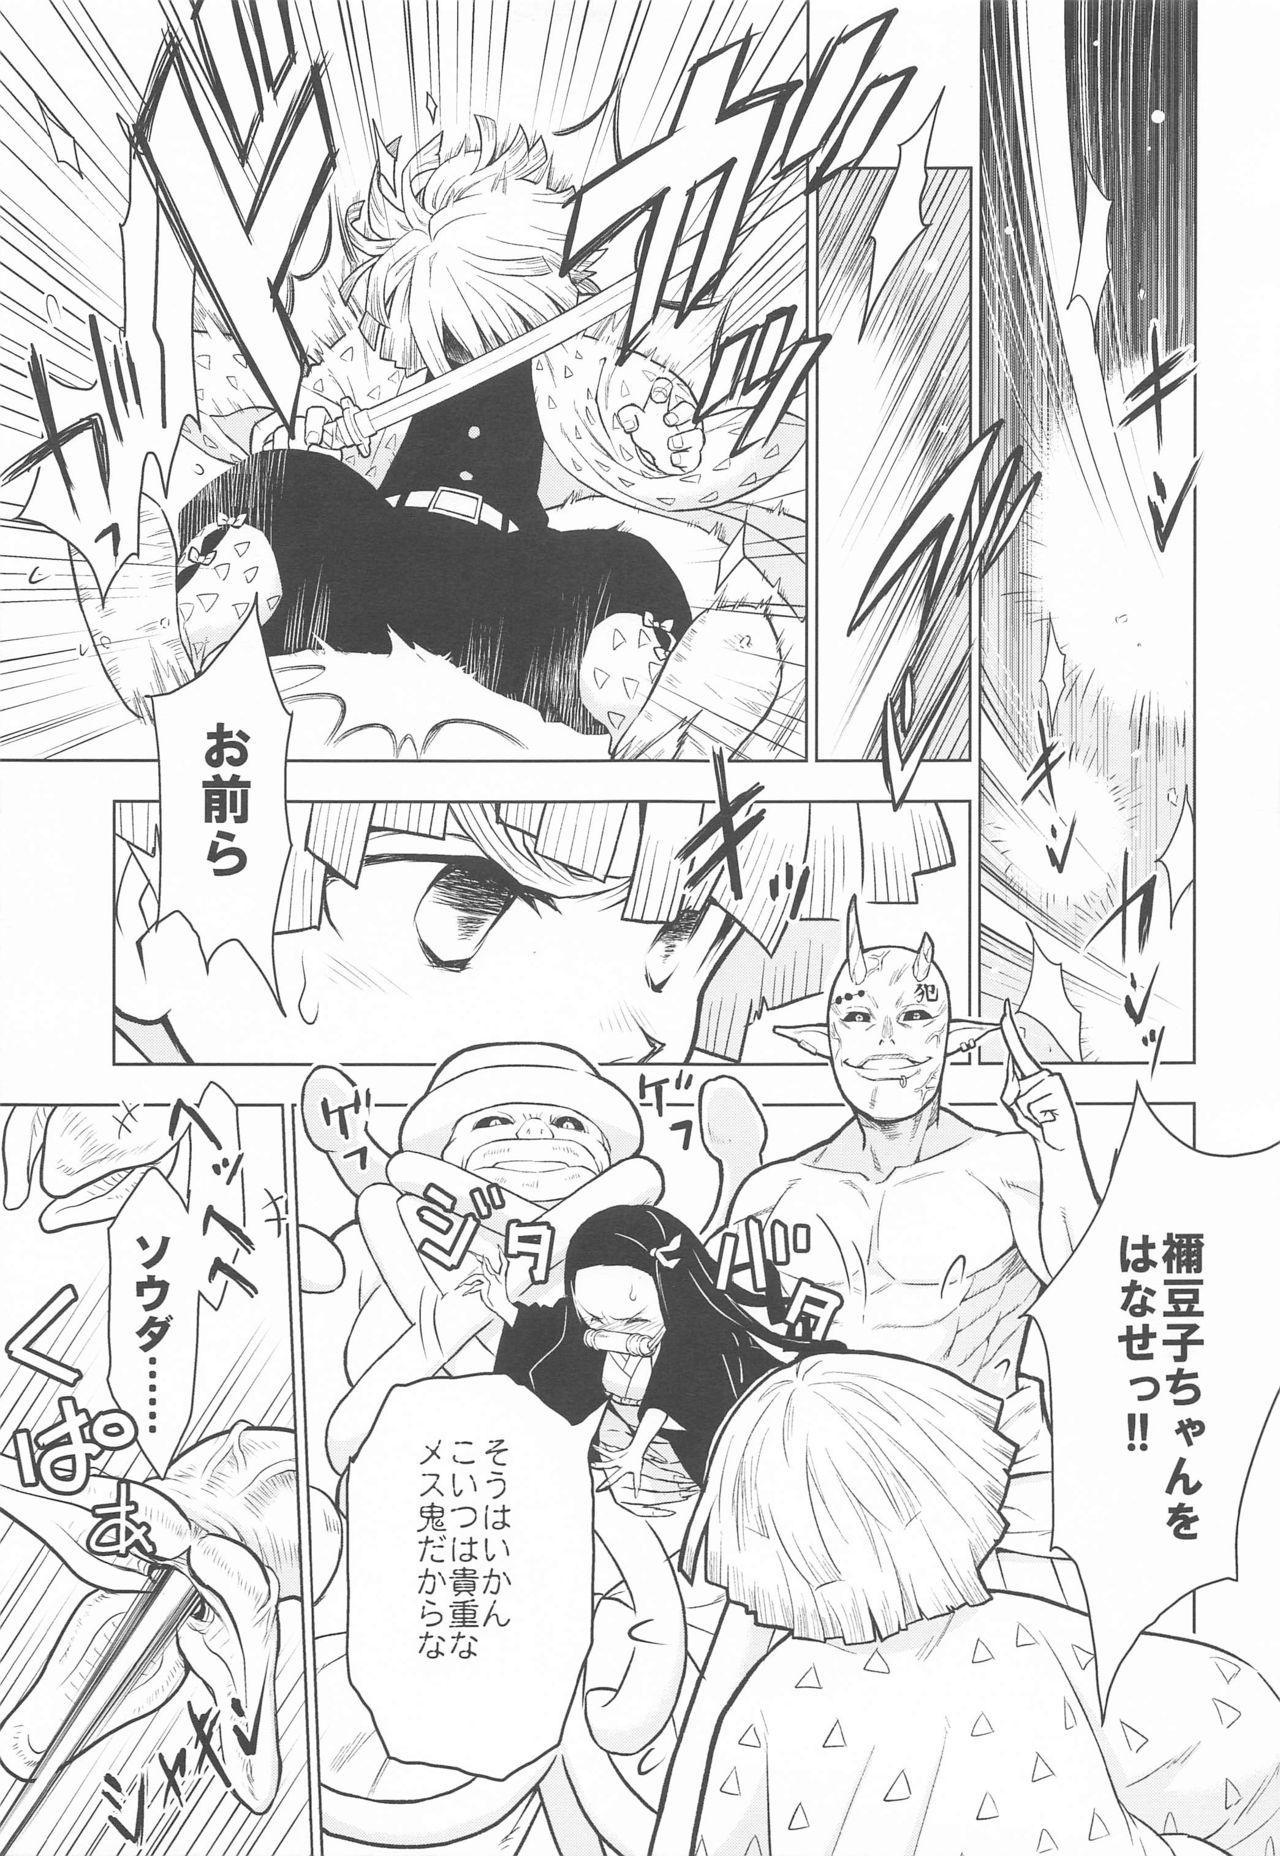 Zenitsu no Kiyuu Kimetsu no Yaiba Itan 5